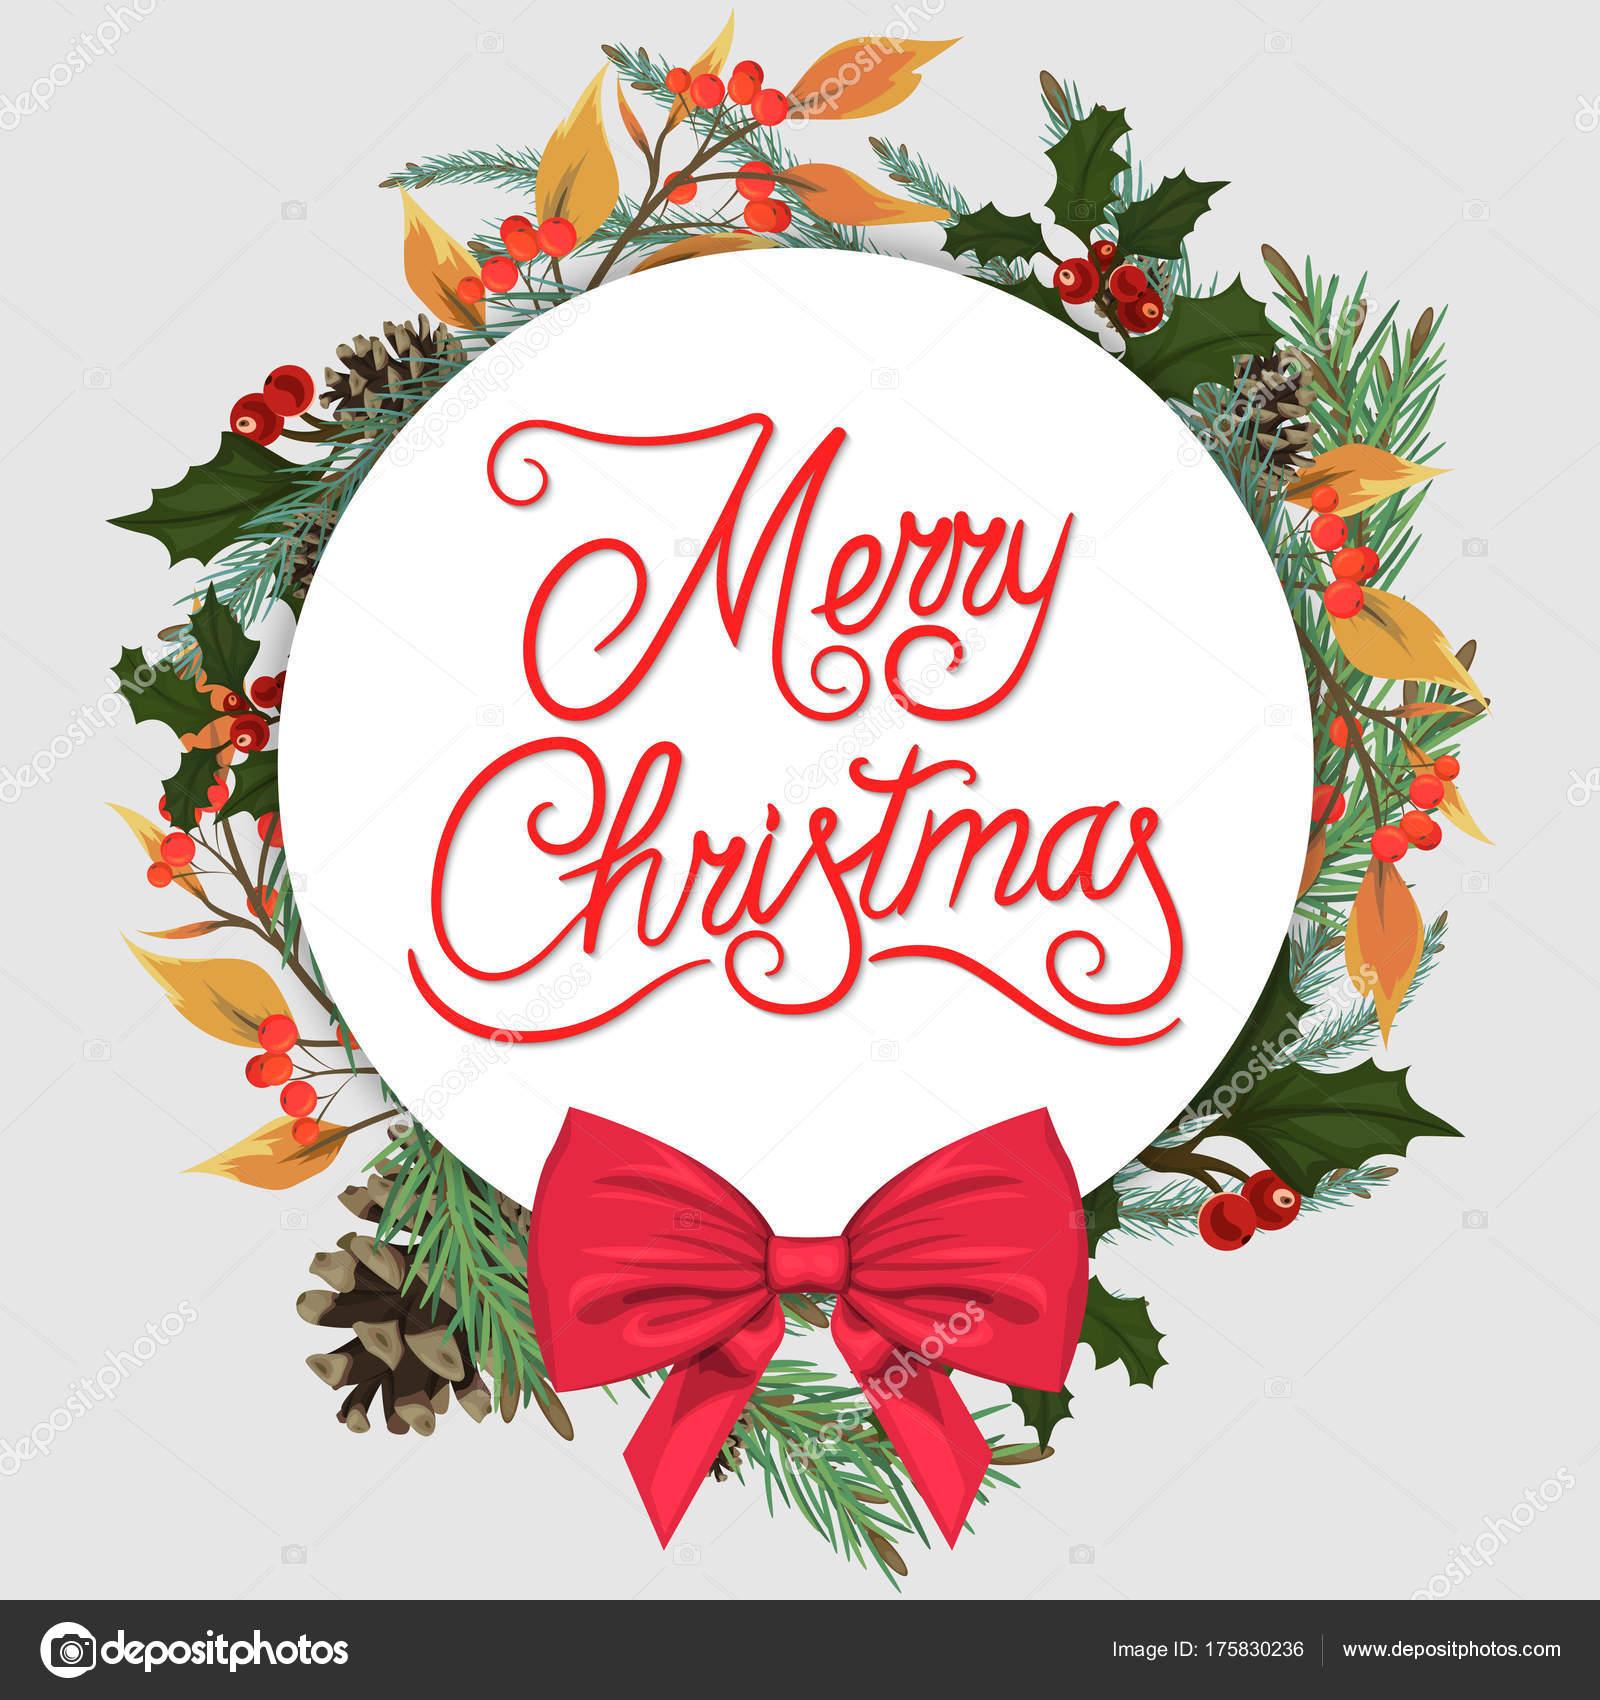 Bilder Schöne Weihnachten.Frohe Weihnachten Schöne Weihnachten Vorlage Mit Tannennadeln Ein